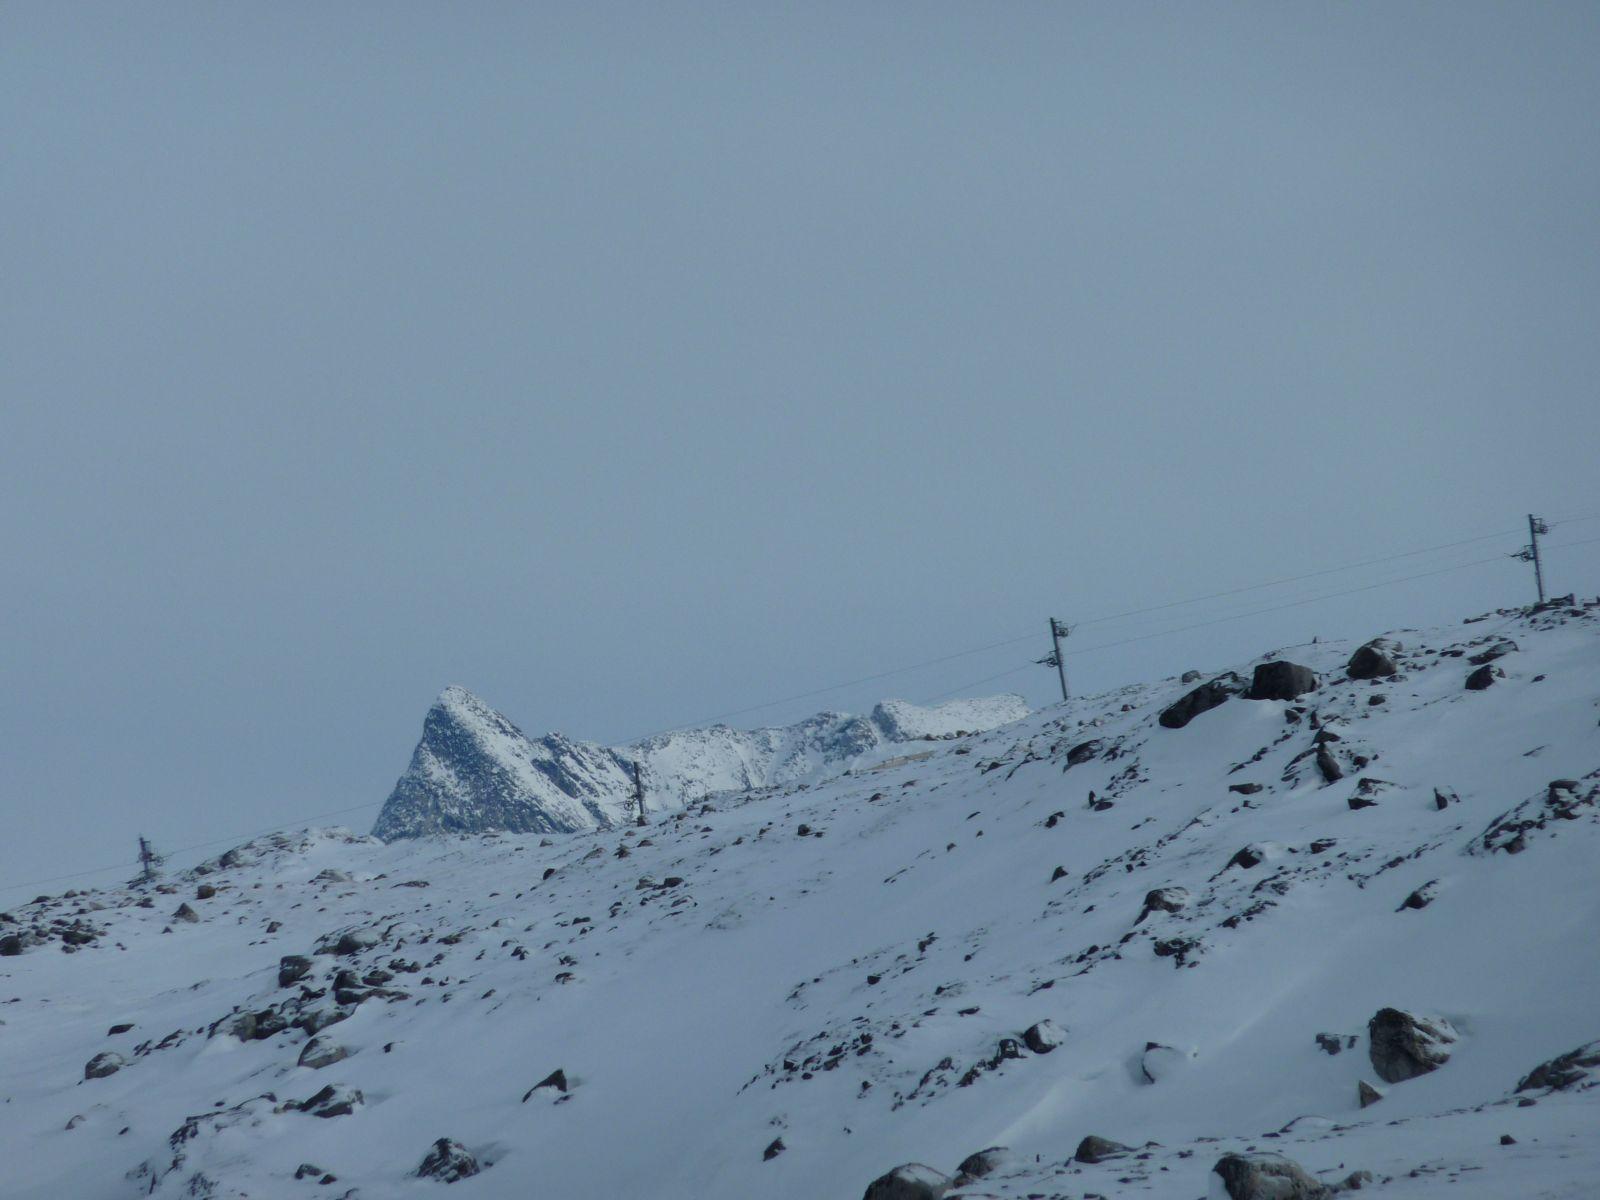 2010-03-16-1034_-_Sermitsiaq